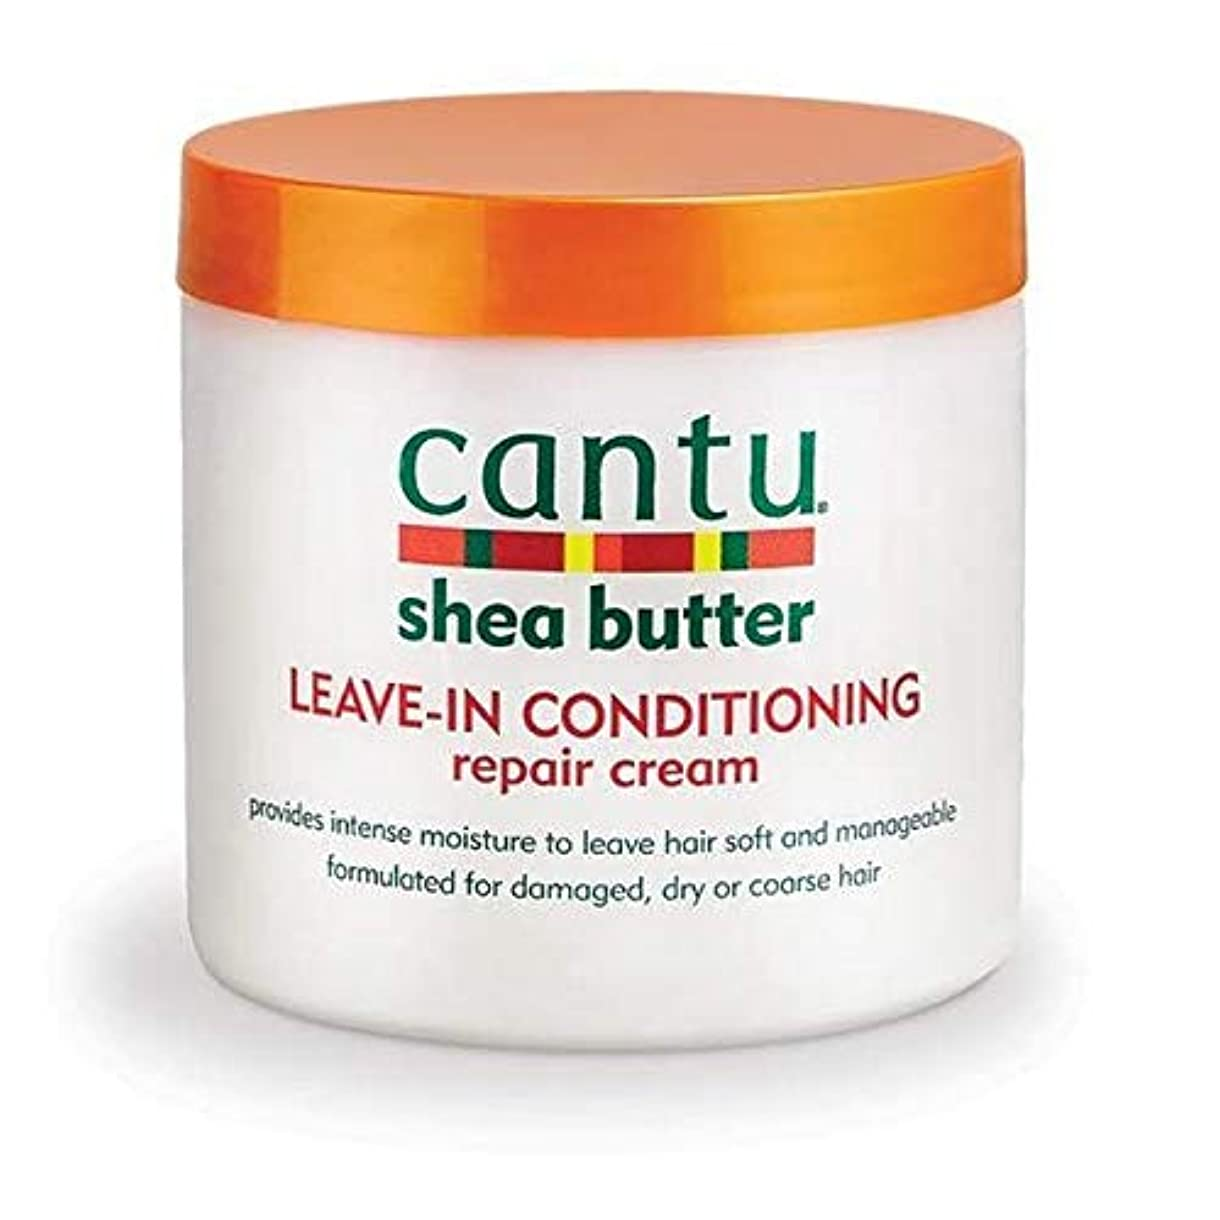 矢印る内陸[Cantu ] エアコン修理クリーム453グラムでカントゥシアバター休暇 - Cantu Shea Butter Leave in Conditioning Repair Cream 453g [並行輸入品]